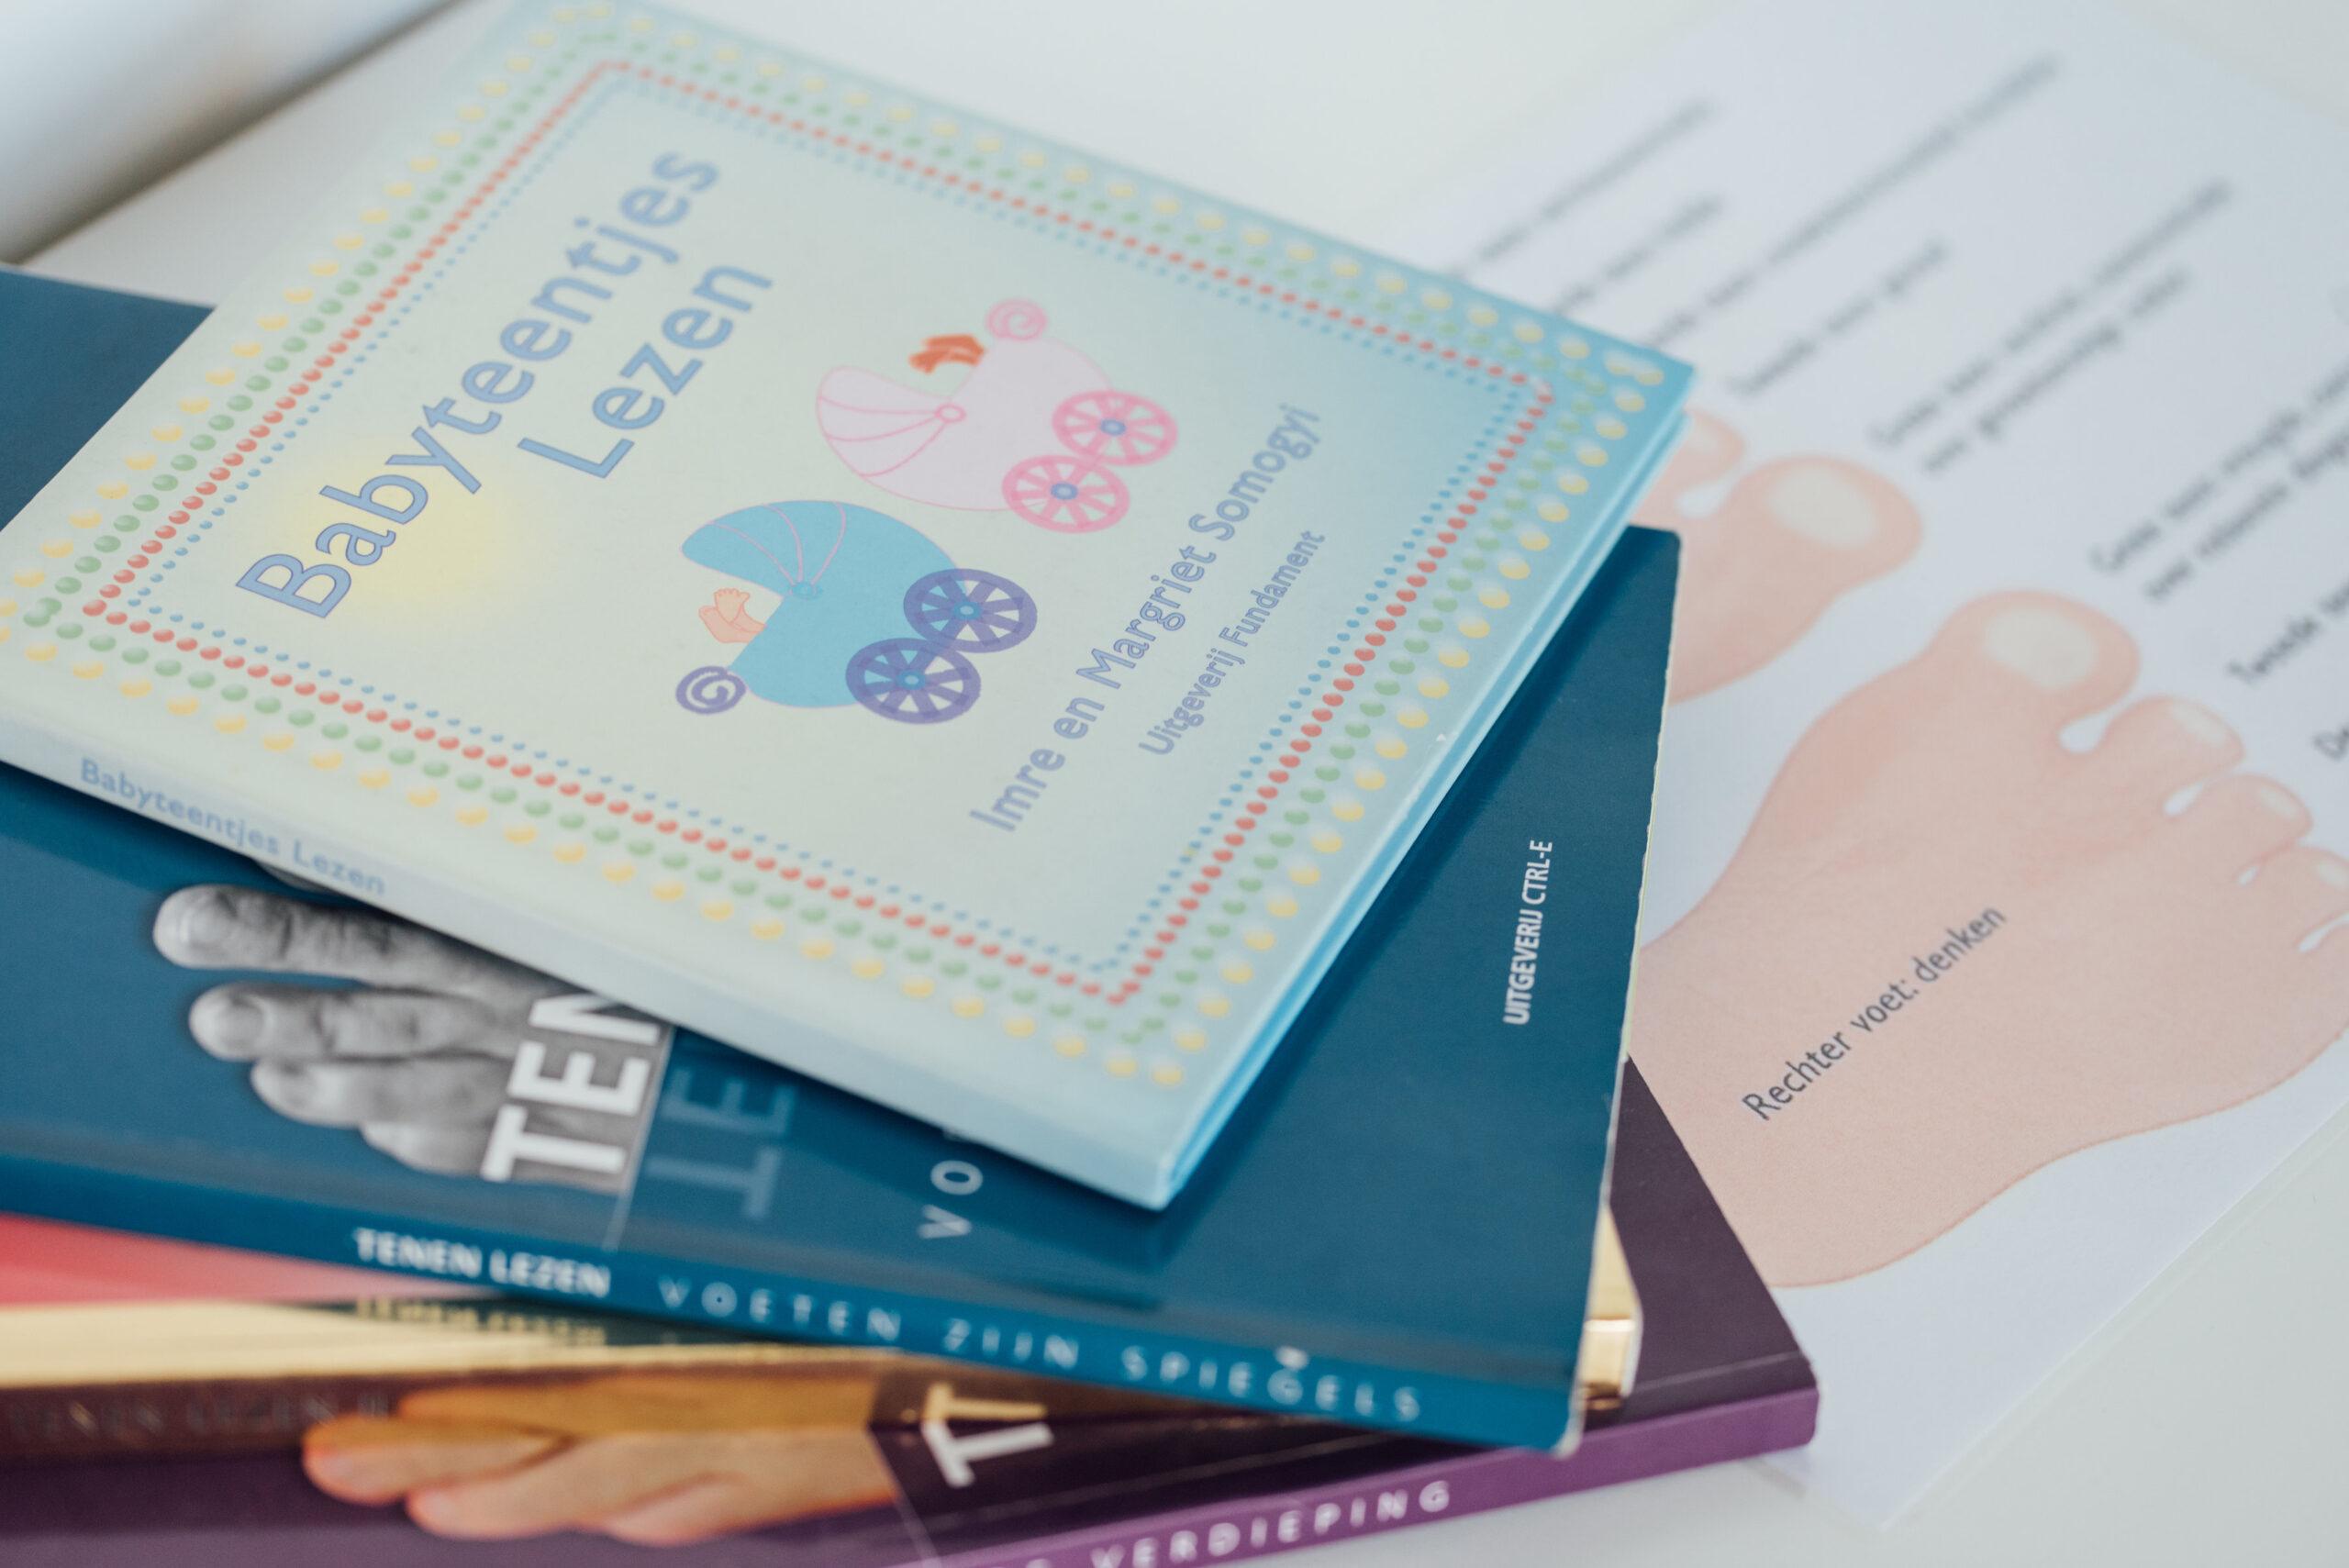 Boeken over tenen lezen